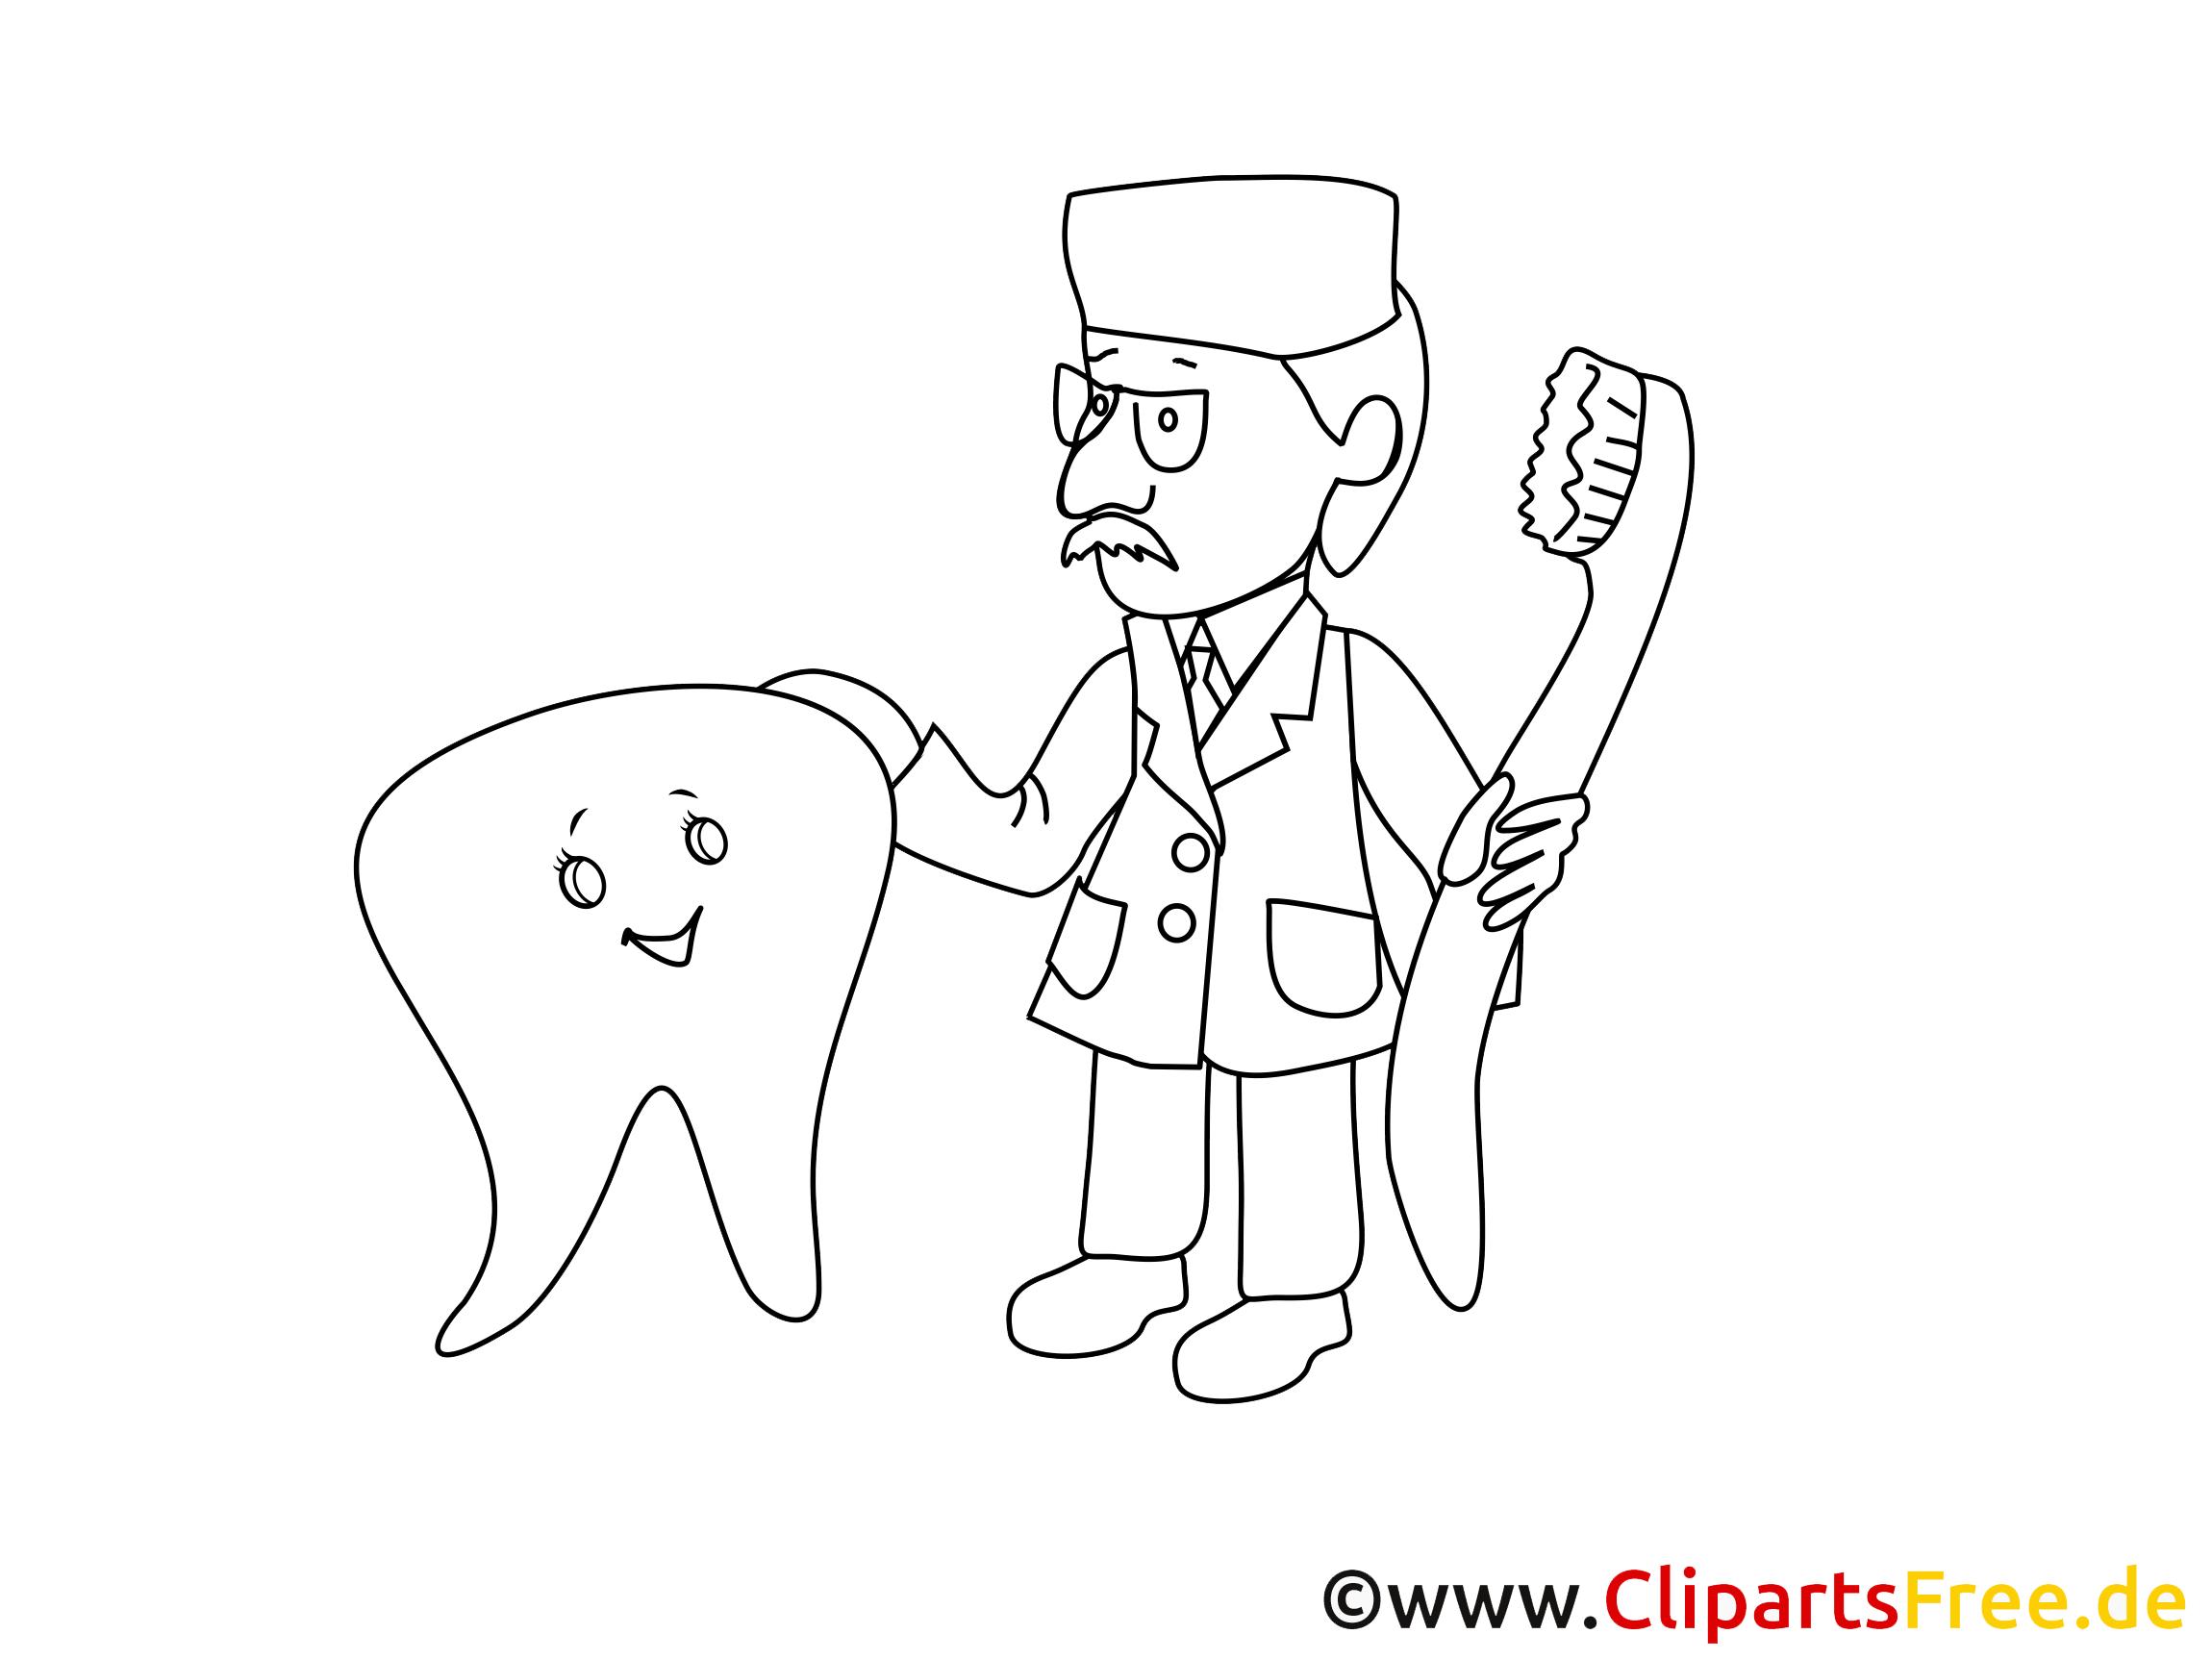 Clipart dentiste coloriage - Médecine images